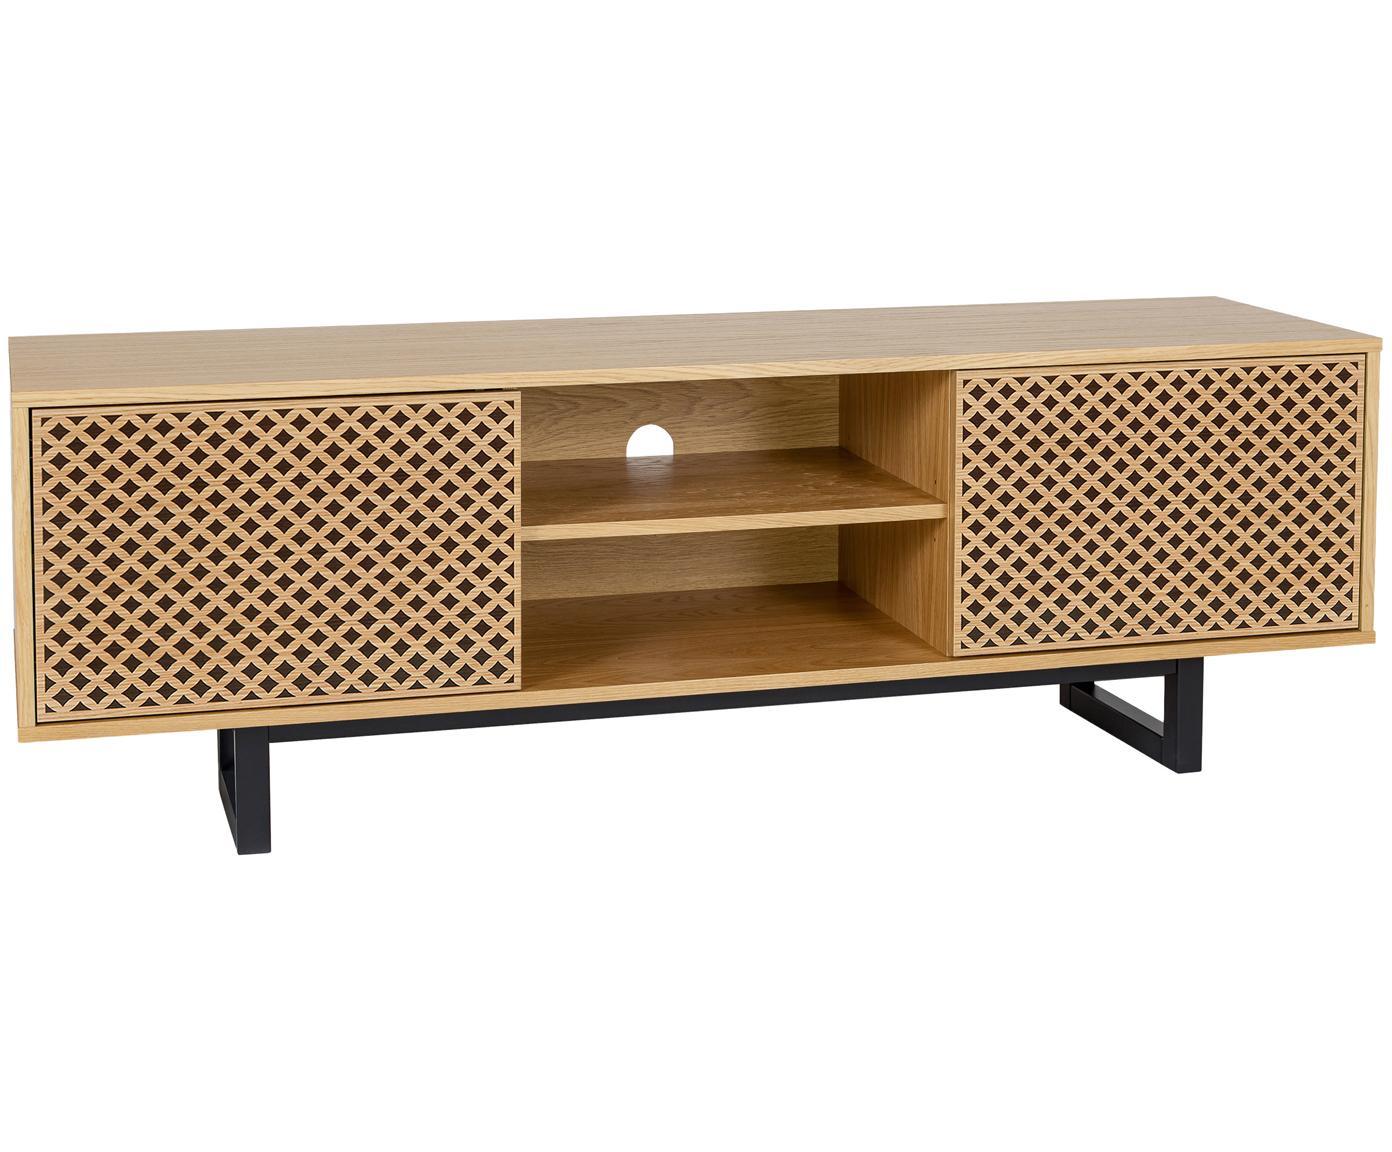 Tv-meubel Mora met zwart patroon, Poten: gelakt berkenhout, Eikenhoutkleurig, zwart, 150 x 50 cm